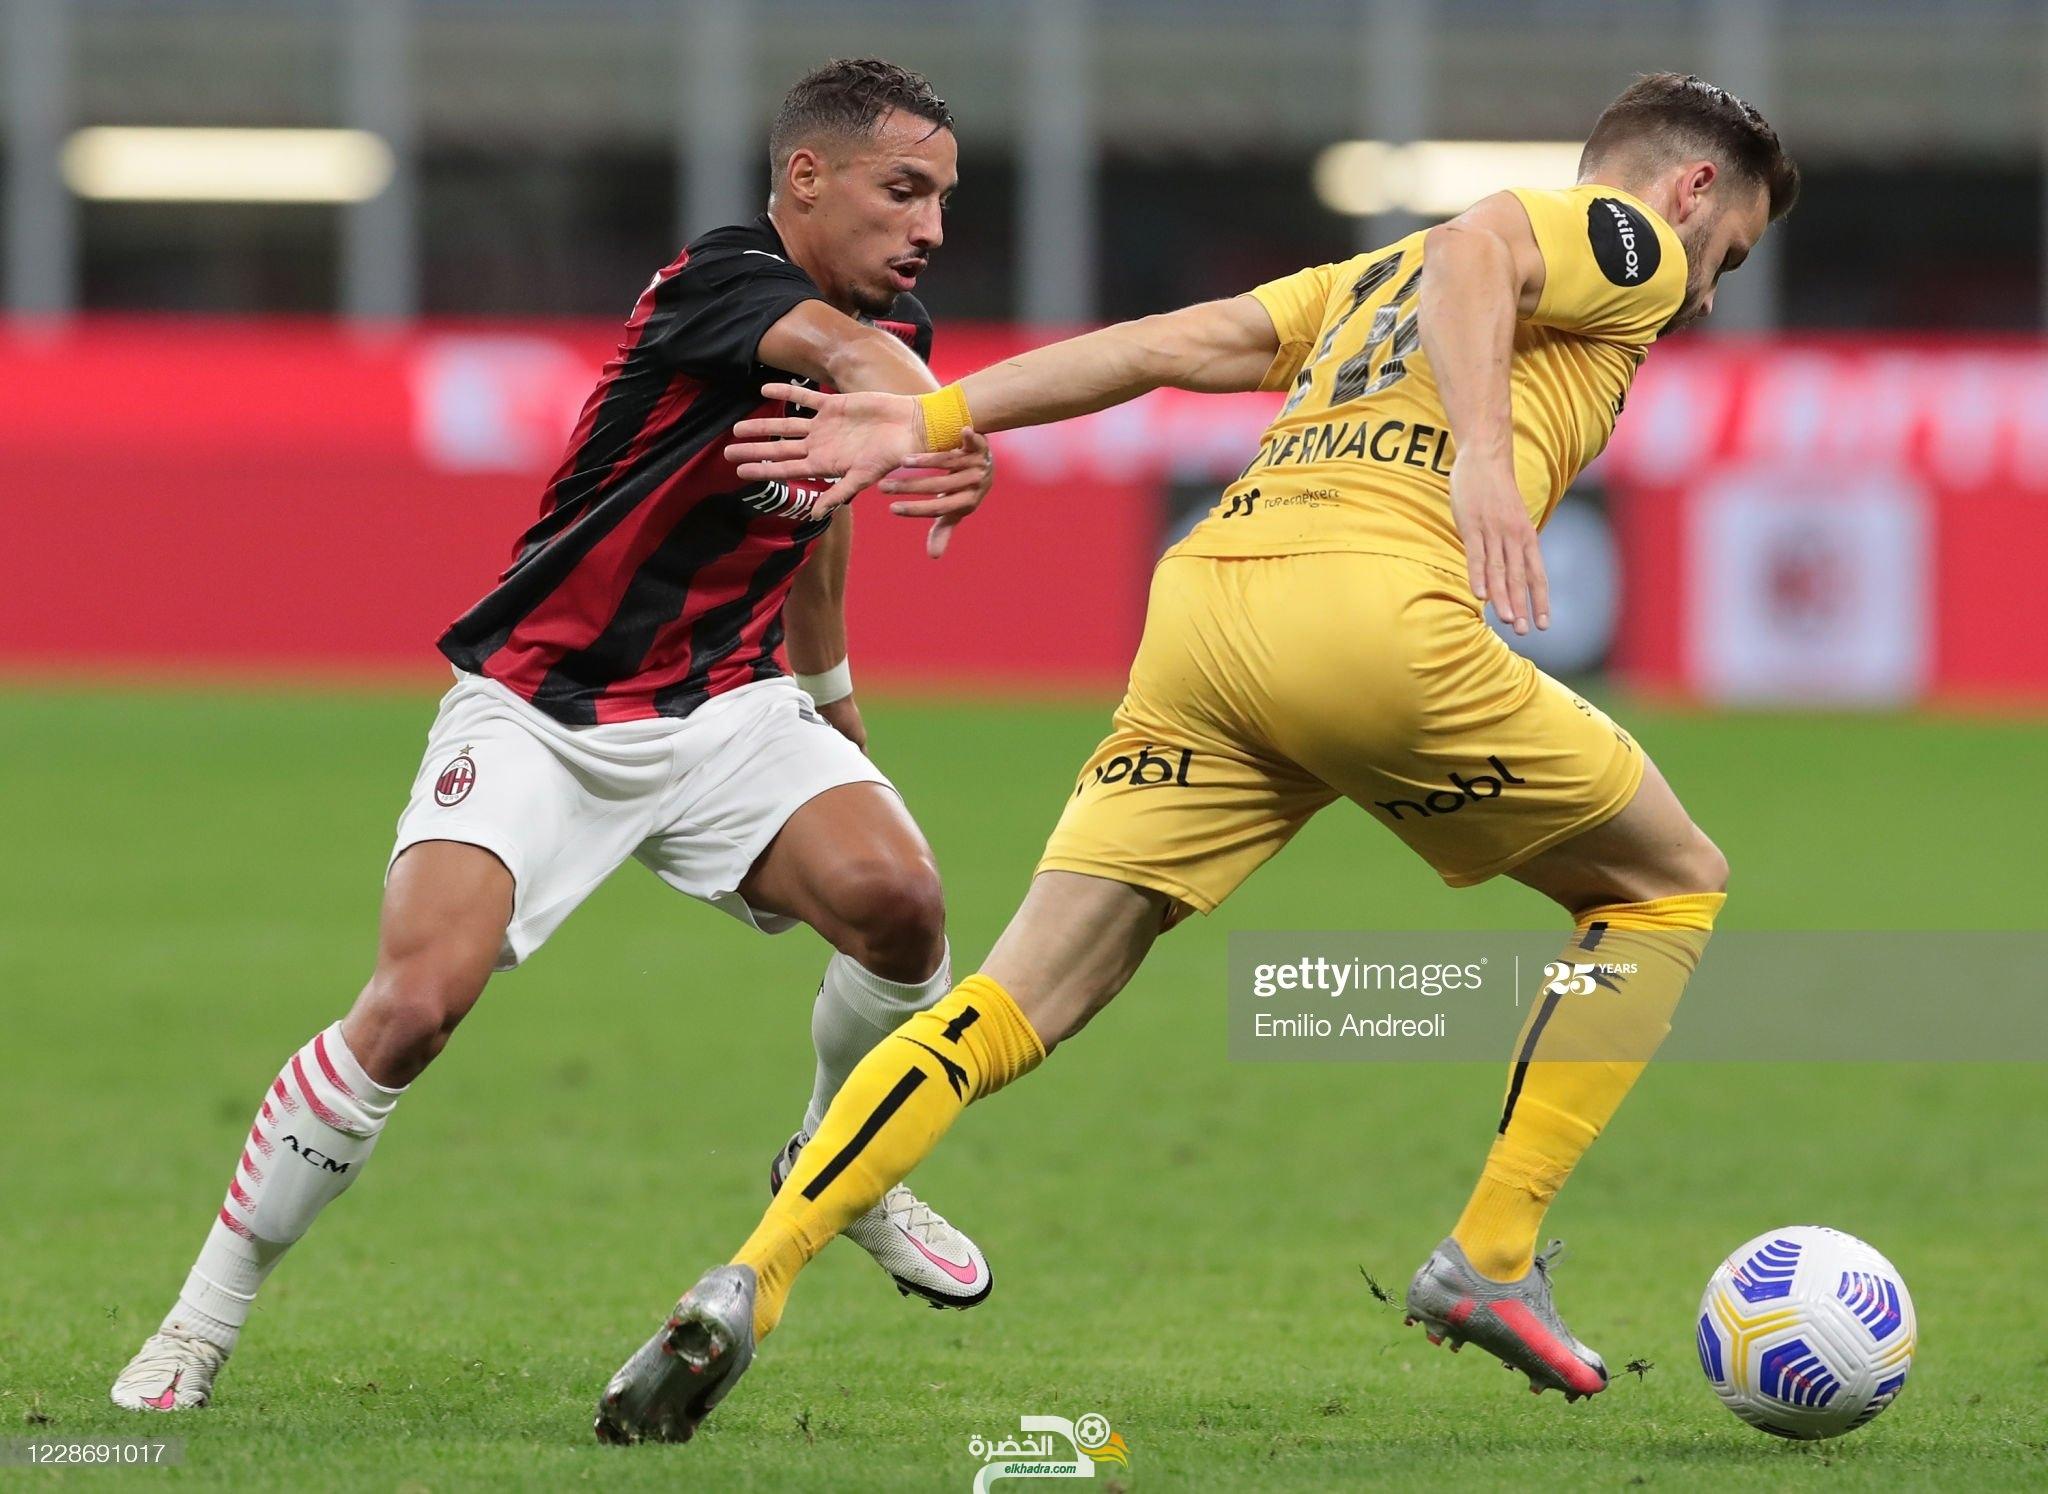 الدوري الأوروبي : بن ناصر اساسي في فوز ميلان على ضيفه مودو النرويجي 28